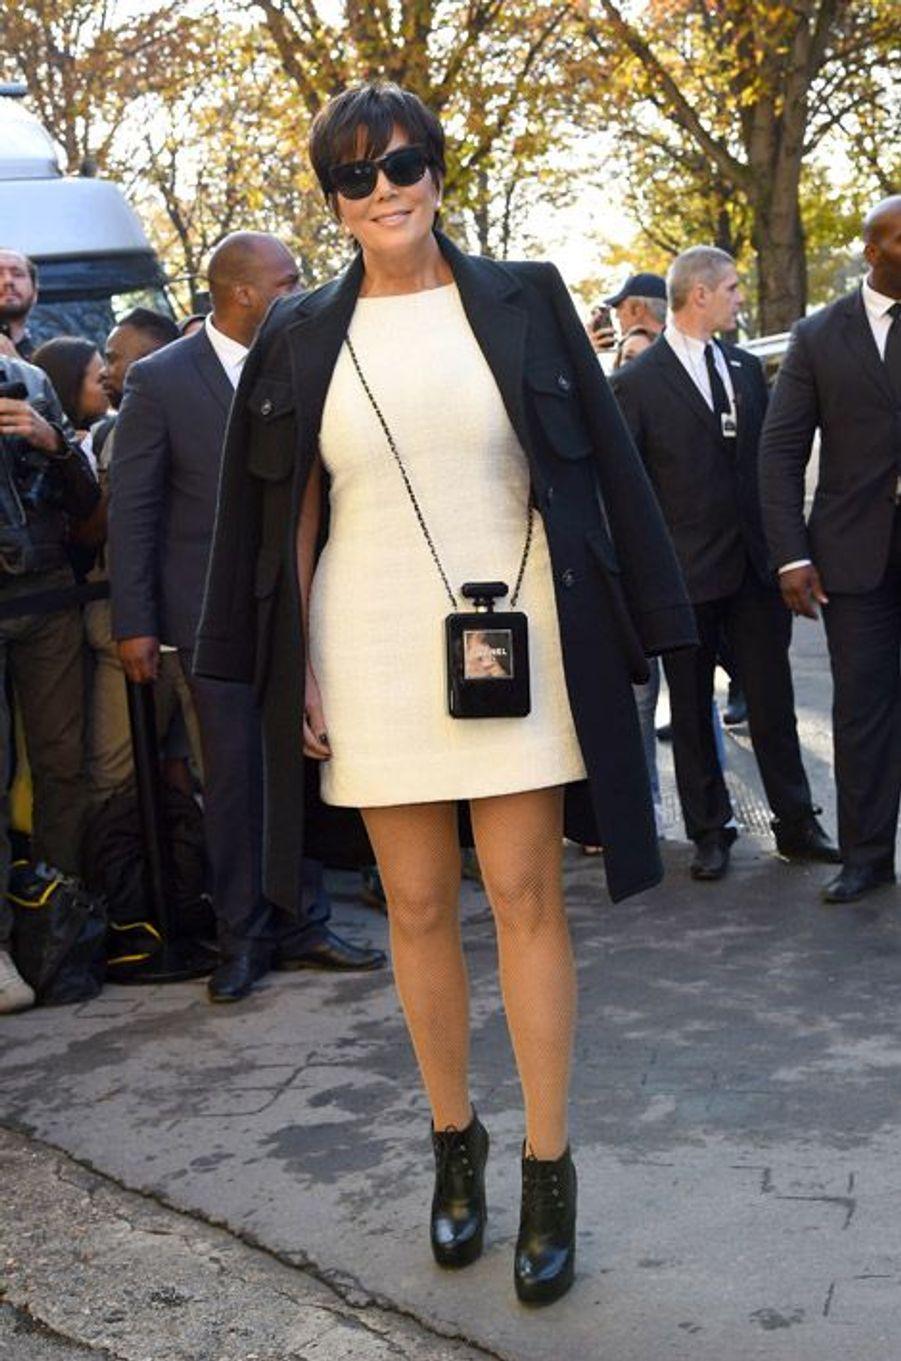 La star de la téléréalité américaine, Kris Jenner, au défilé Chanel le 30 septembre 2014 à Paris